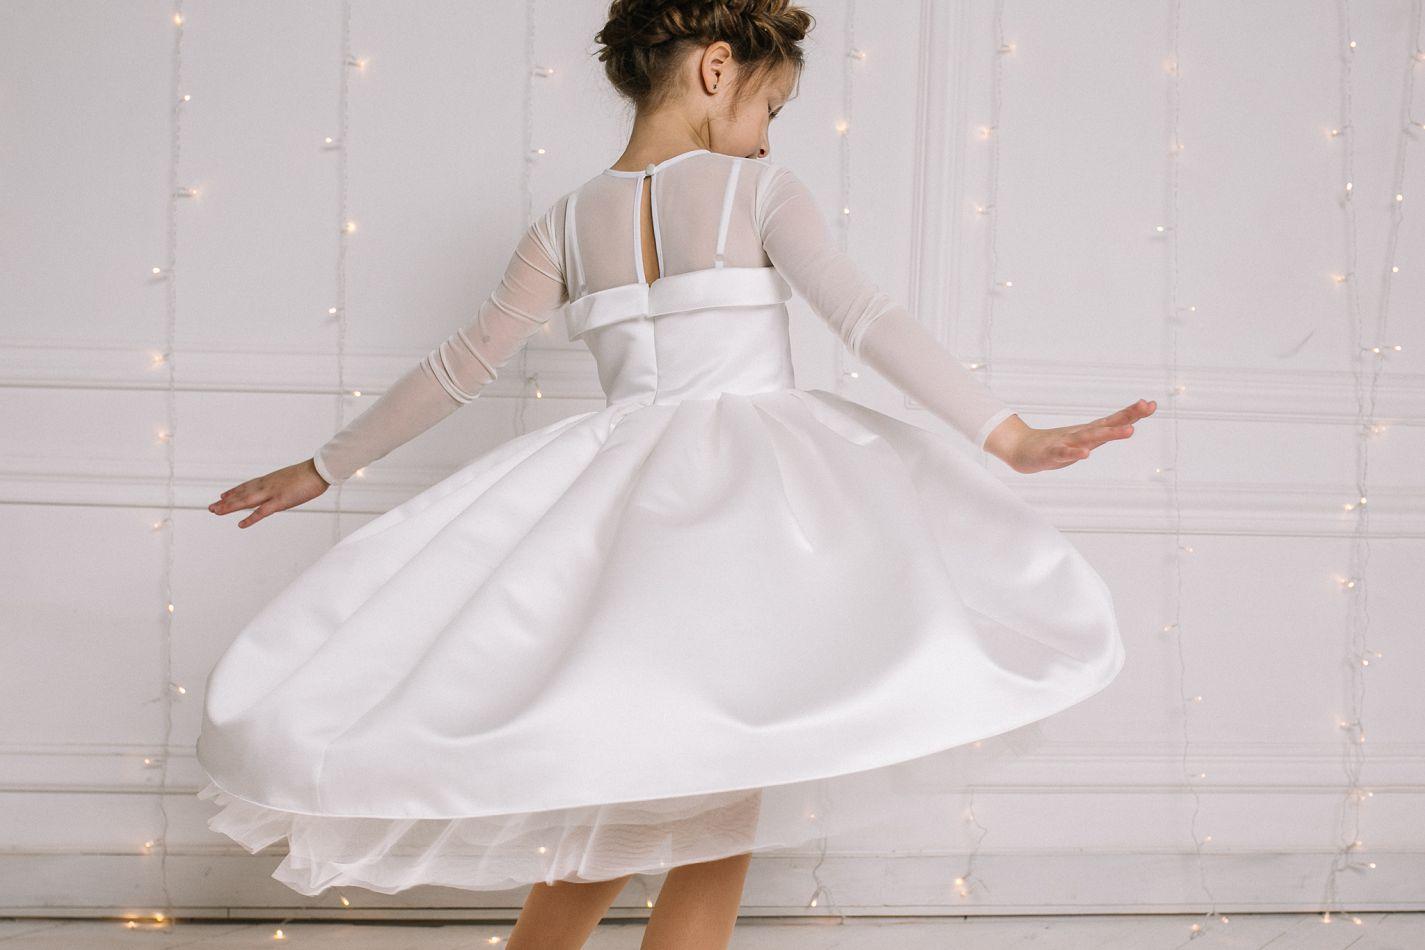 ... Біла святкова сукня на дівчинку  Нарядне біле плаття дівчинці ... b44e3e5687f6d